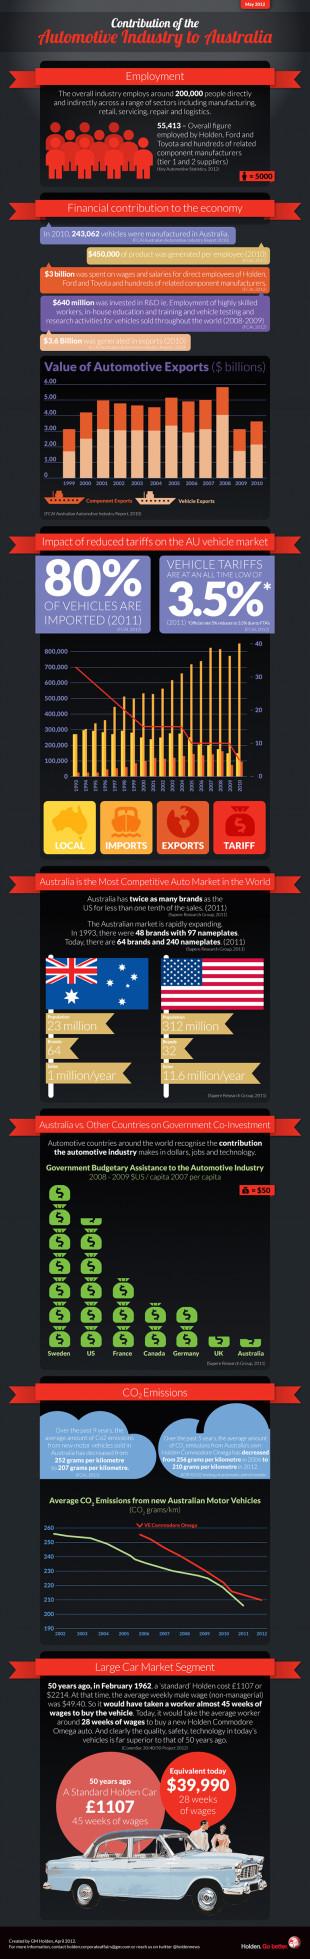 073HO_infographic_v14